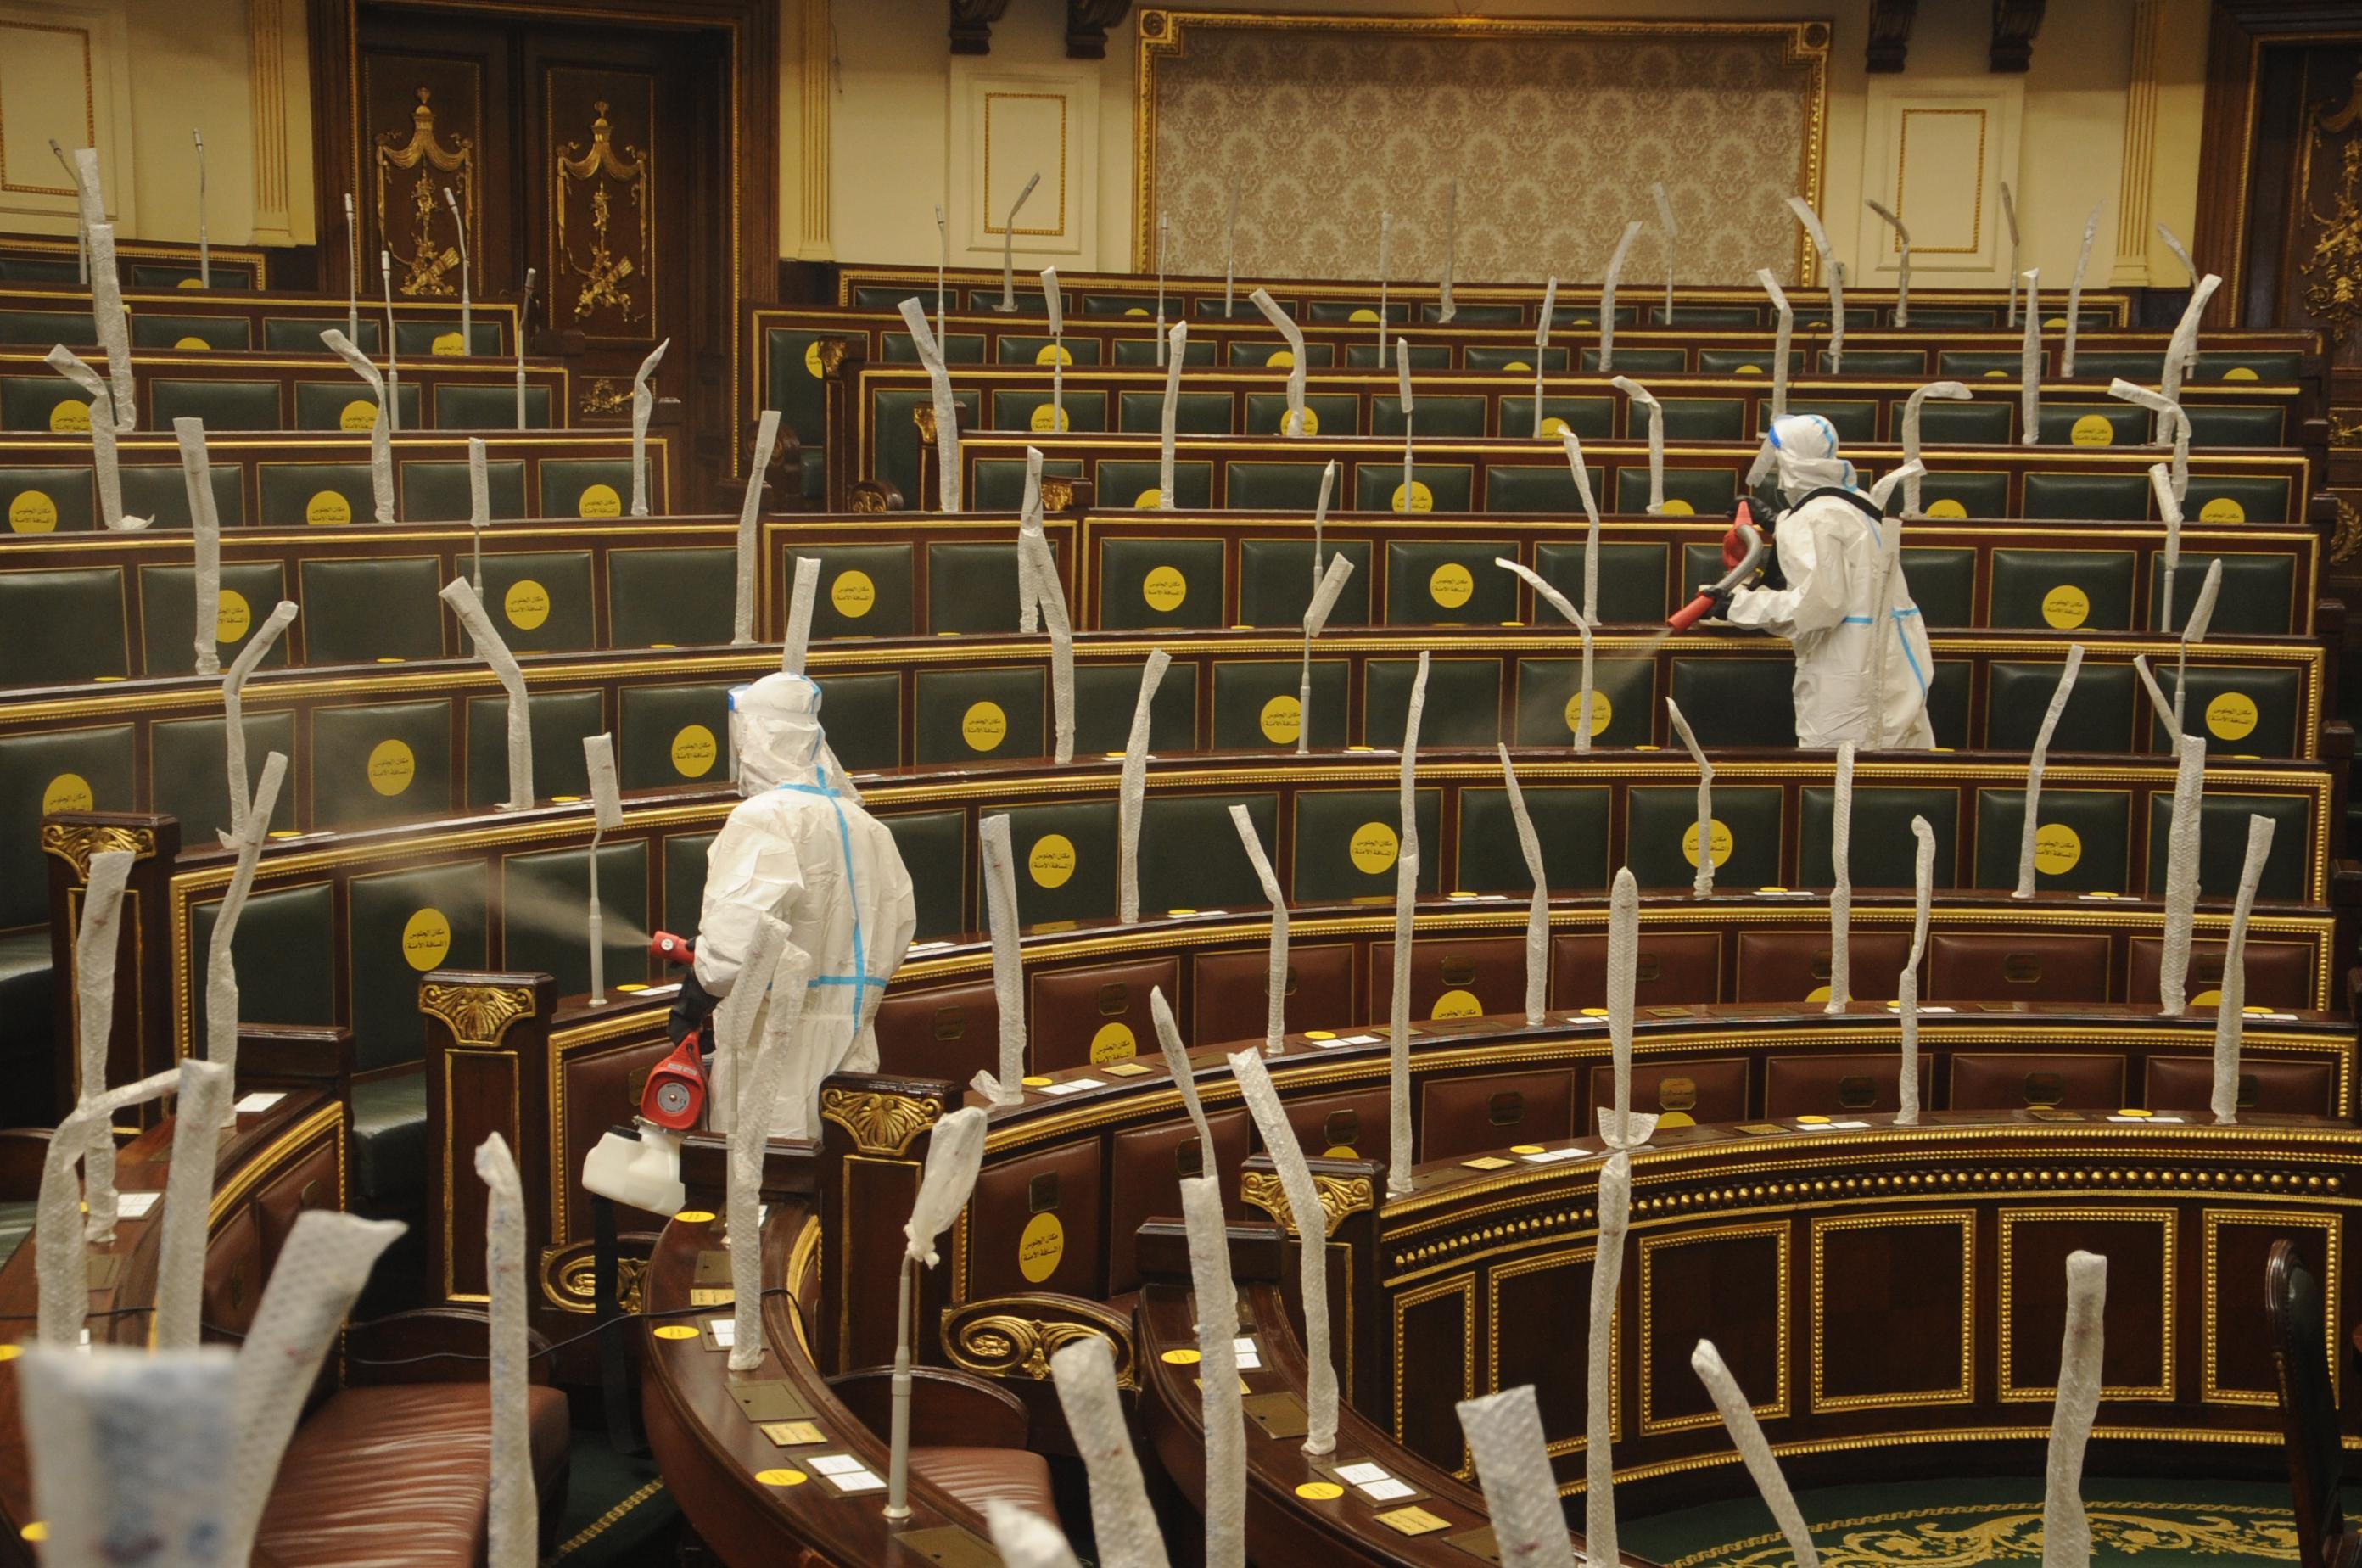 تعقيم وتطهير قاعات مجلس النواب